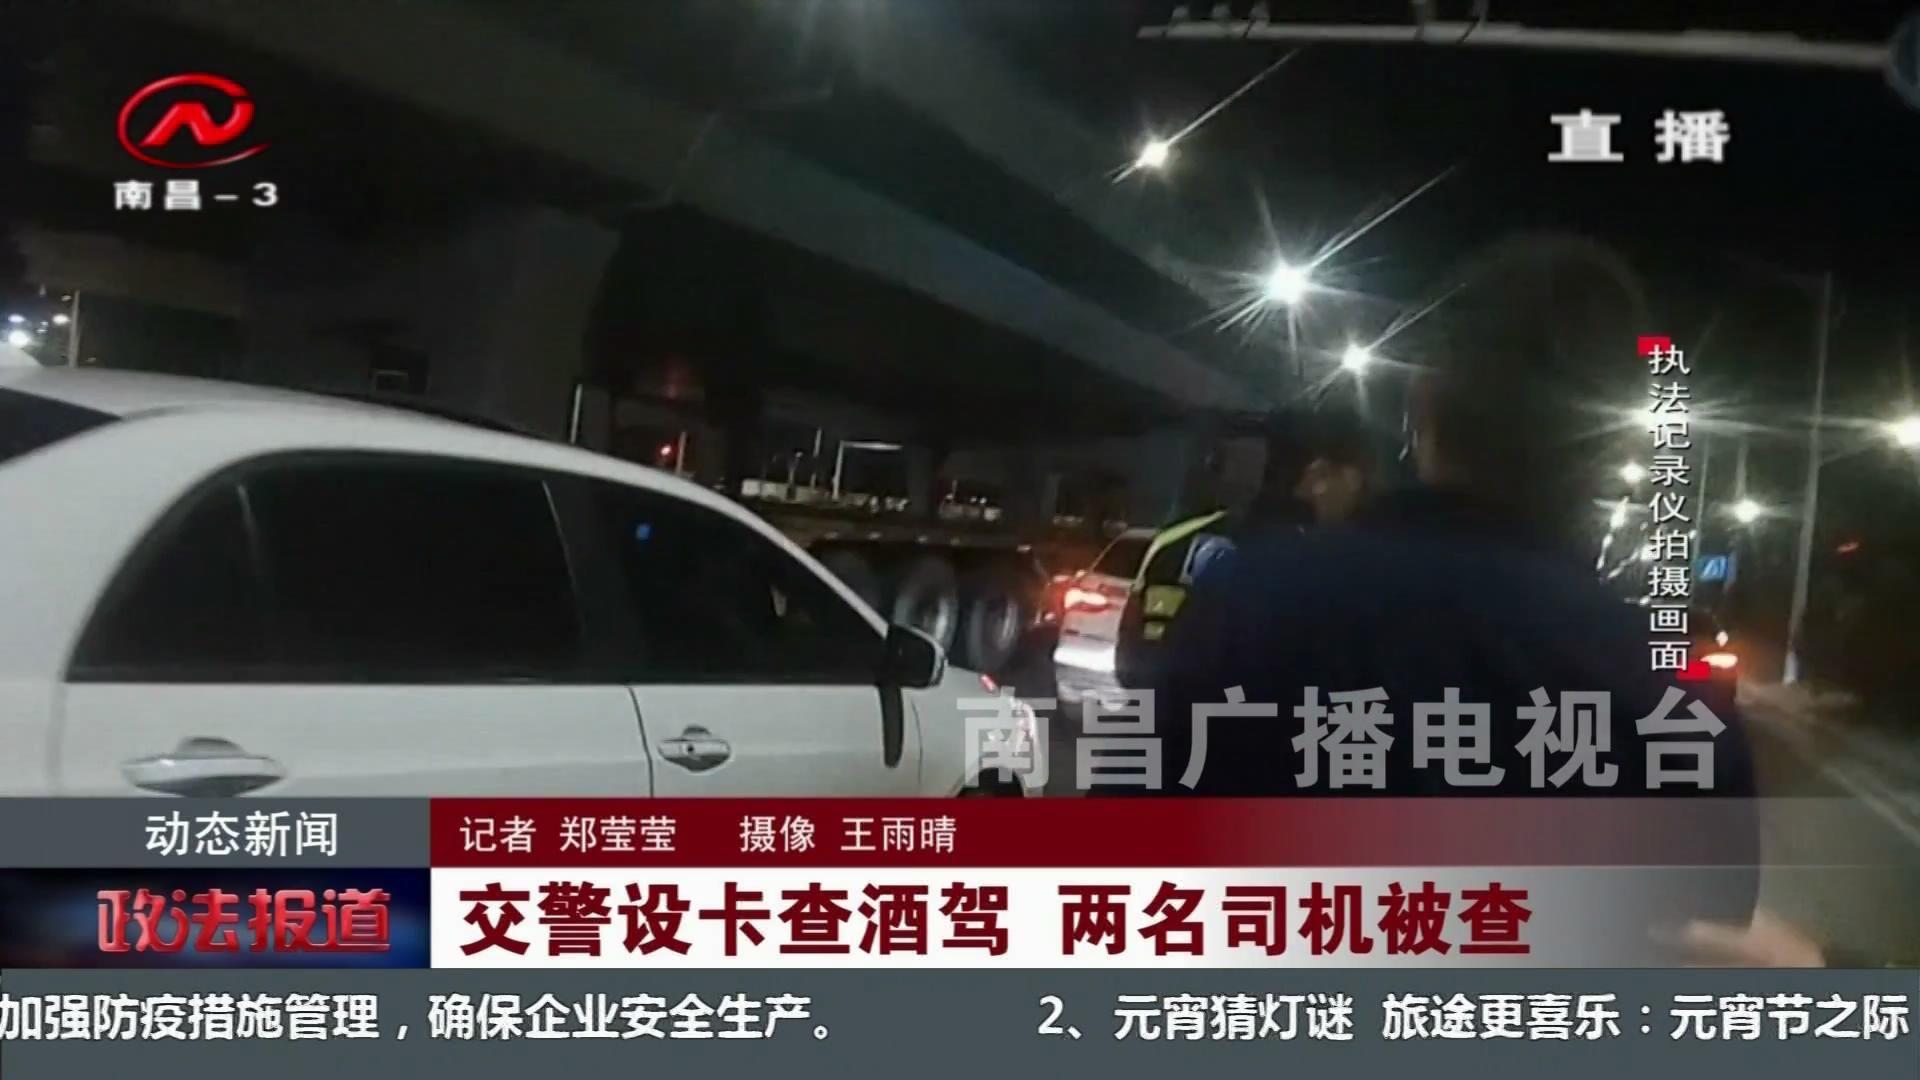 交警設卡查酒駕 兩名司機被查